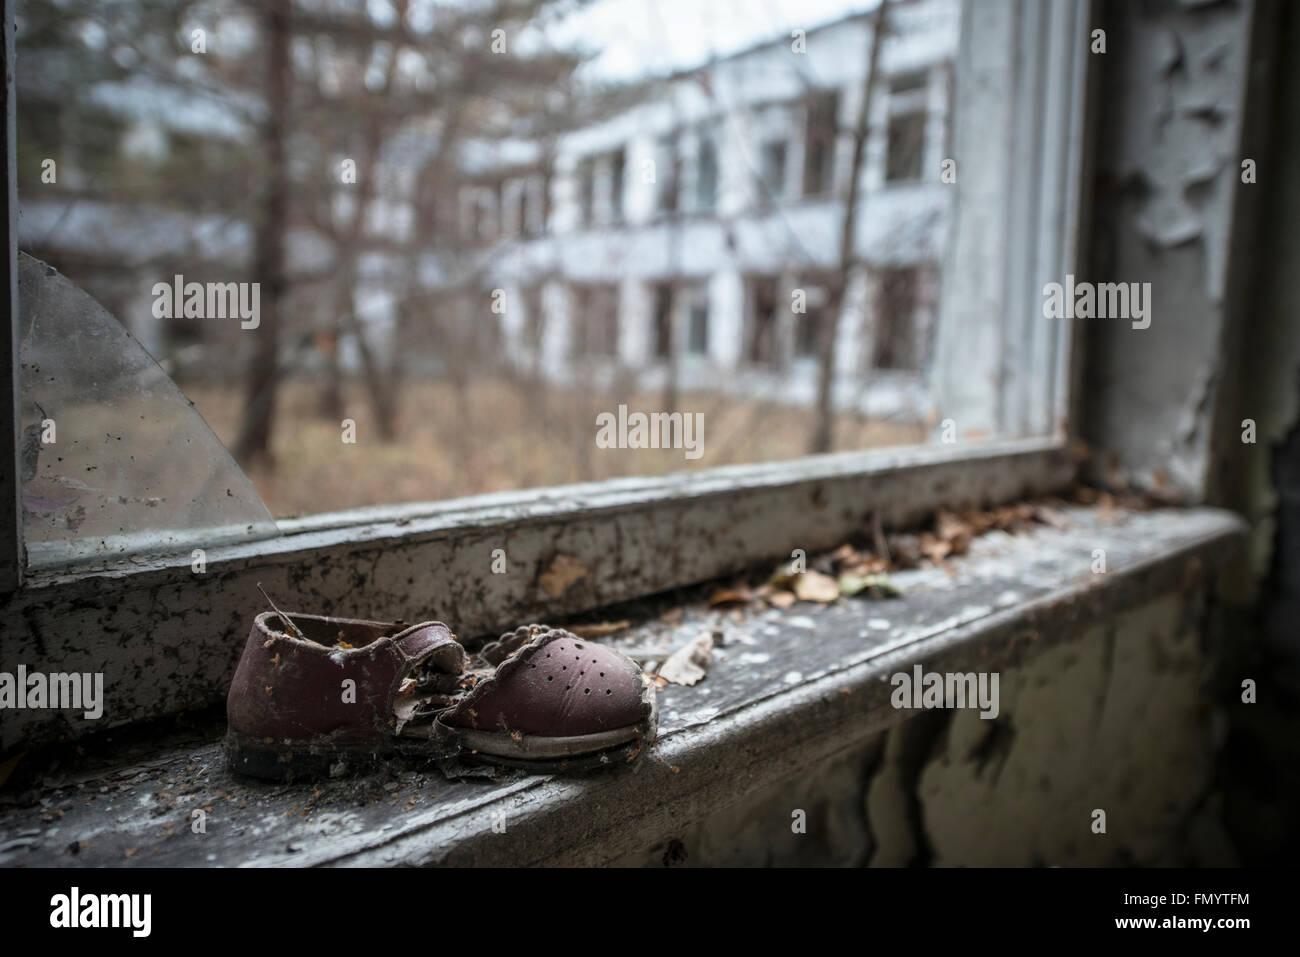 Child's shoe in kidergarten  in Pripyat, Chernobyl scene of 1986 nuclear disaster - Stock Image